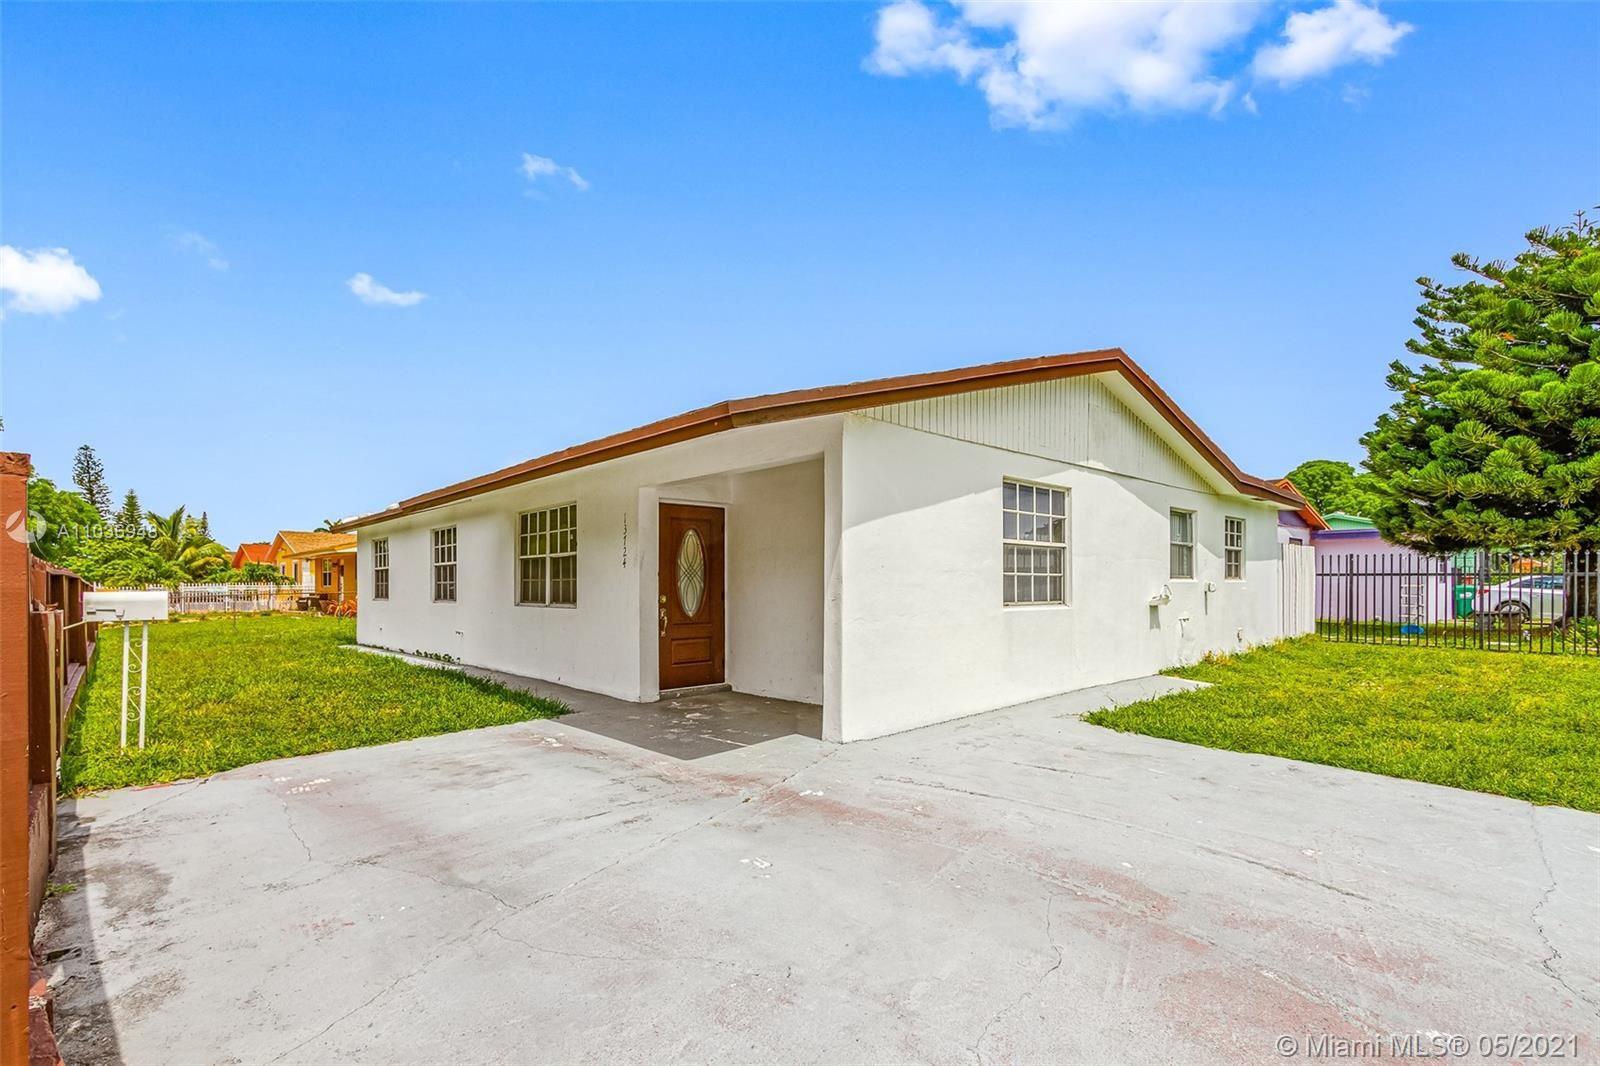 13724 NW 23rd Ave, Opa Locka, FL 33054 - #: A11036948